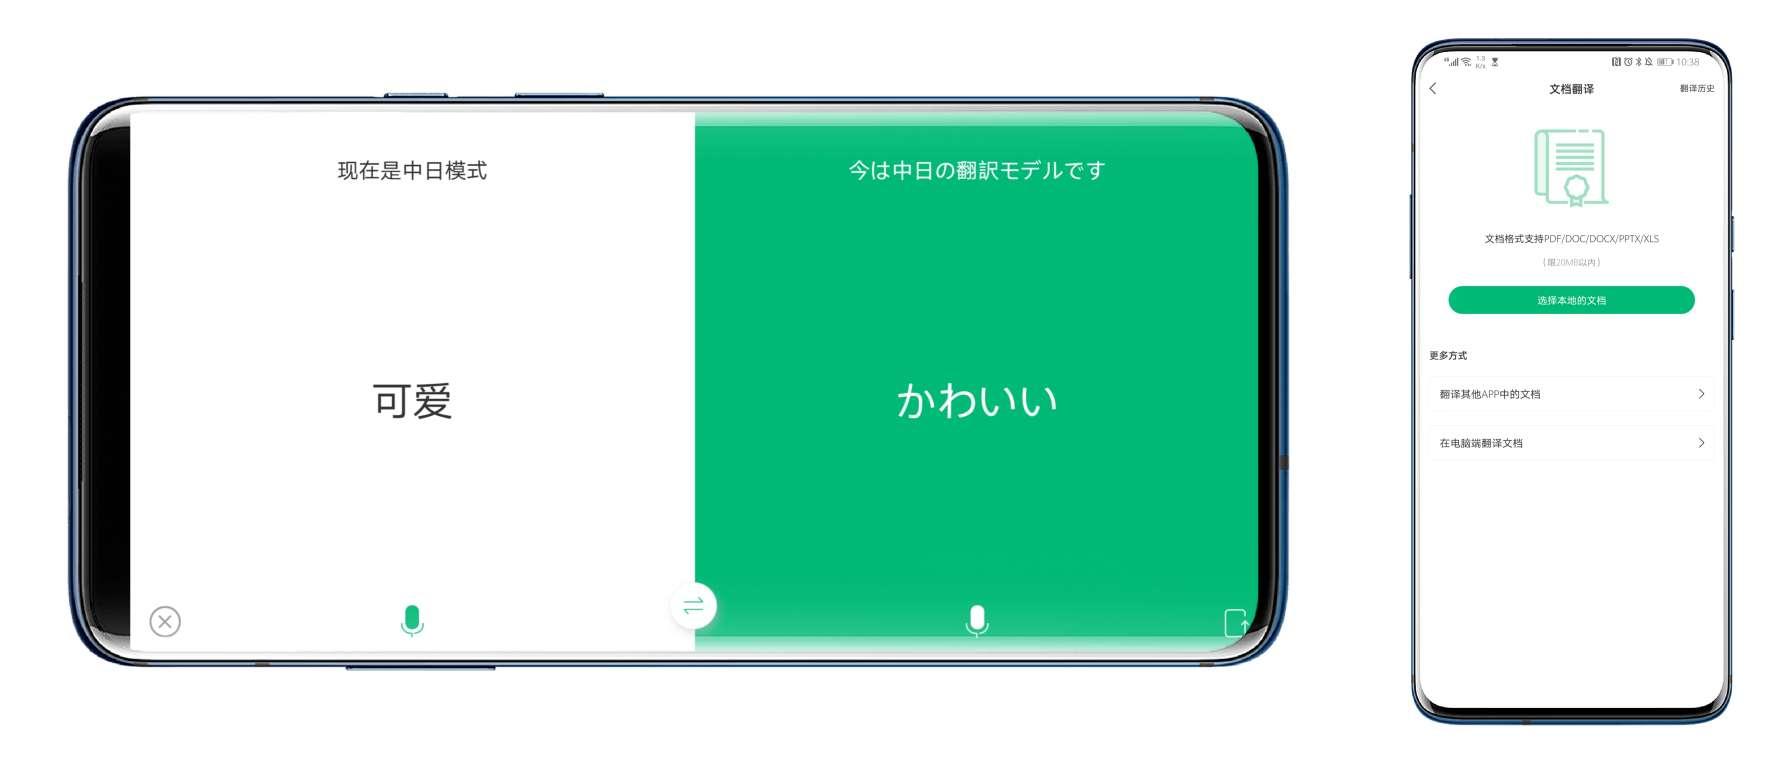 ★★鱼朵分享★★彩云小译V2.6.6★实时翻译软件